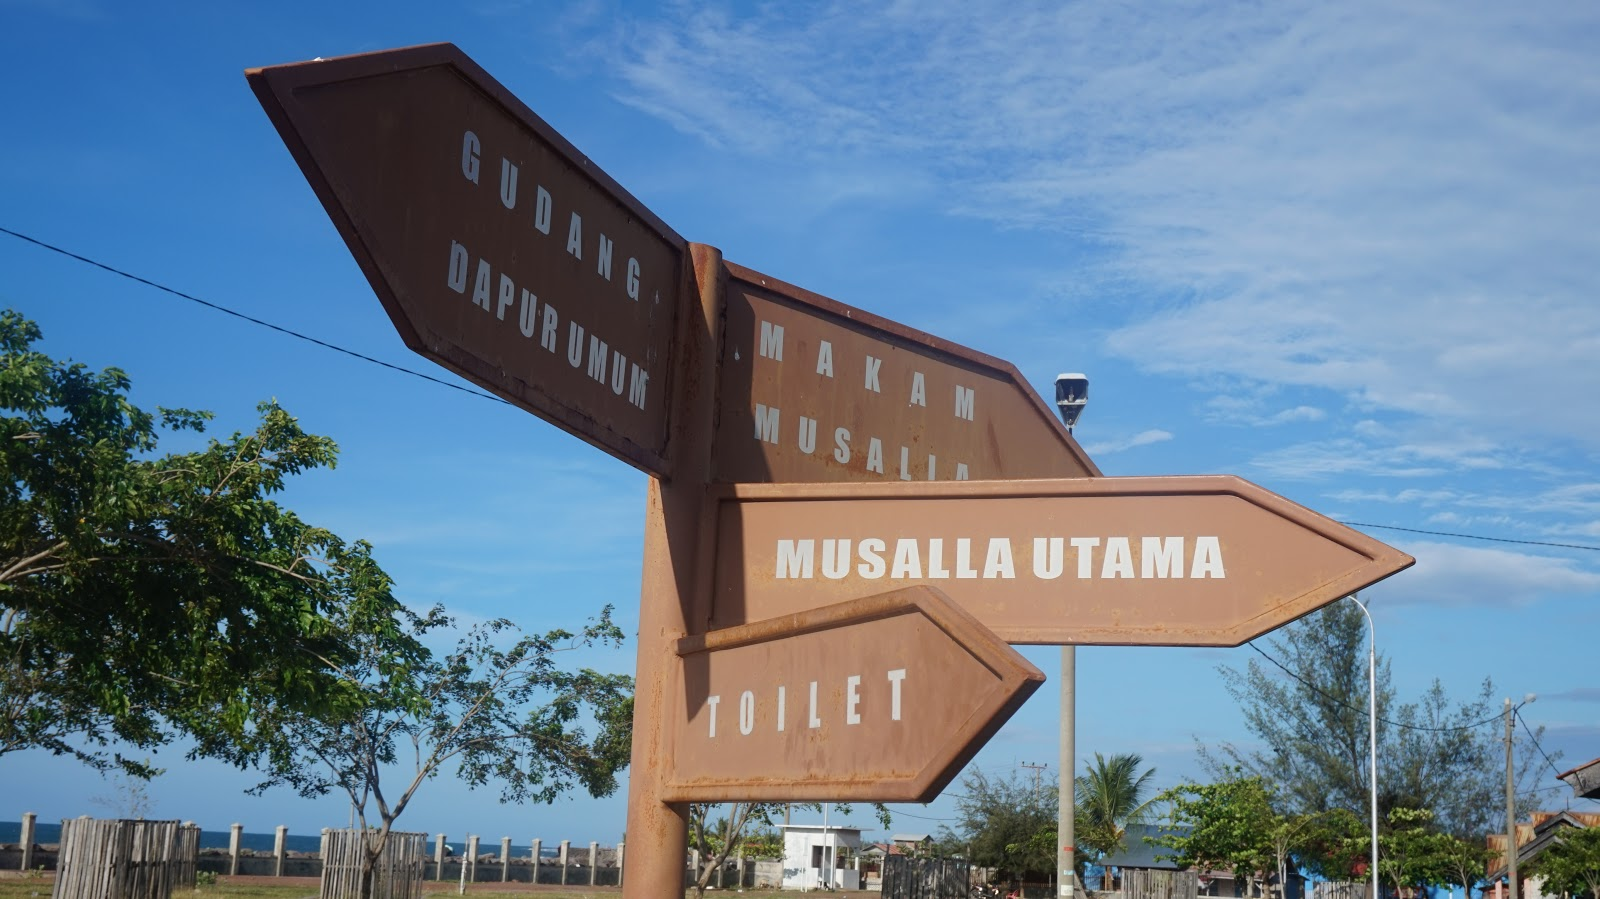 Melihat Makam Syiah Kuala Banda Aceh Traveling Bersama Aswir Tidak